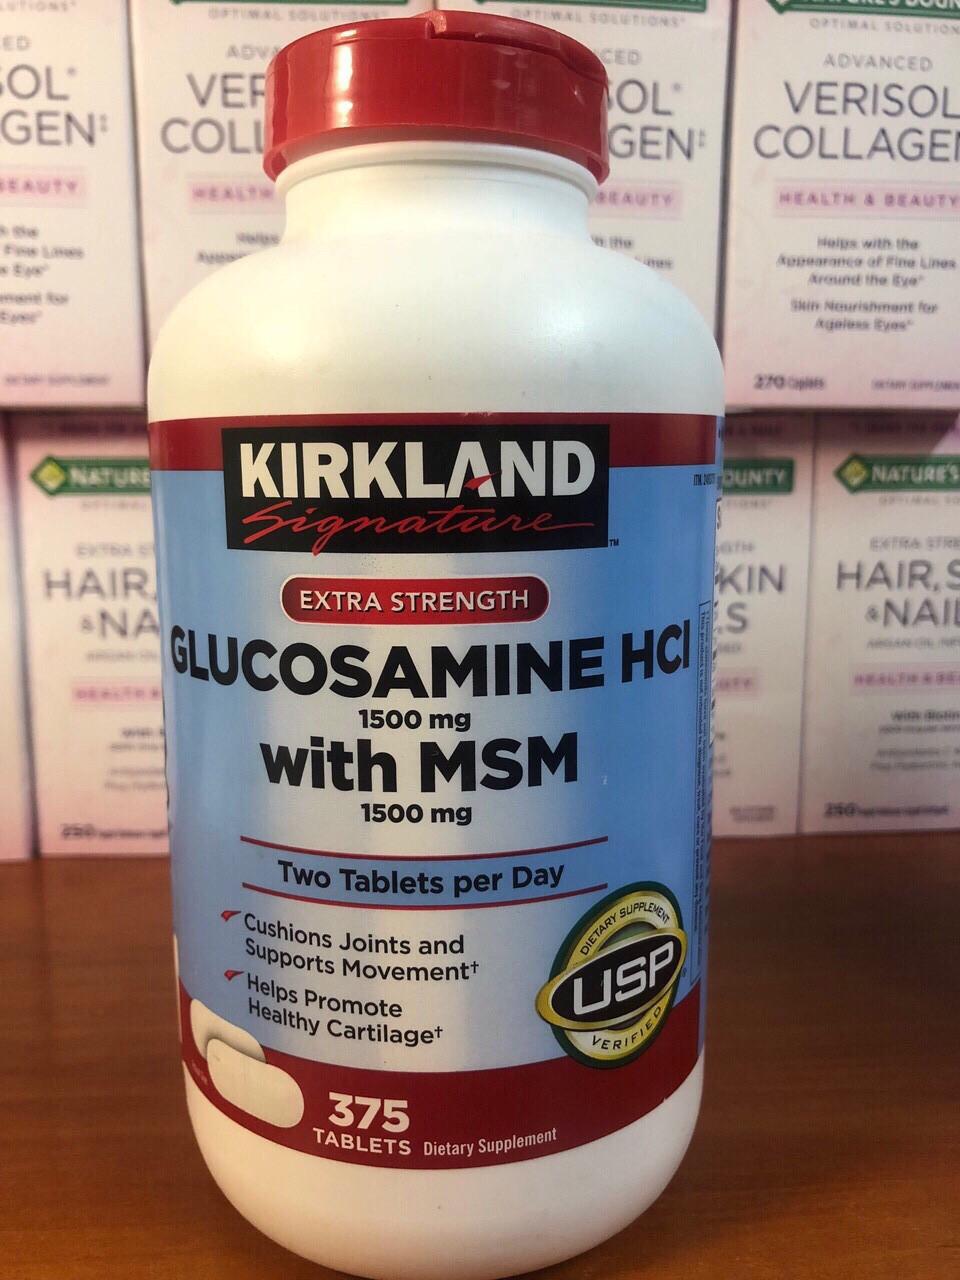 435 D-ГЛЮКОЗАМІНУ ГІДРОХЛОРИД - Glucosamine